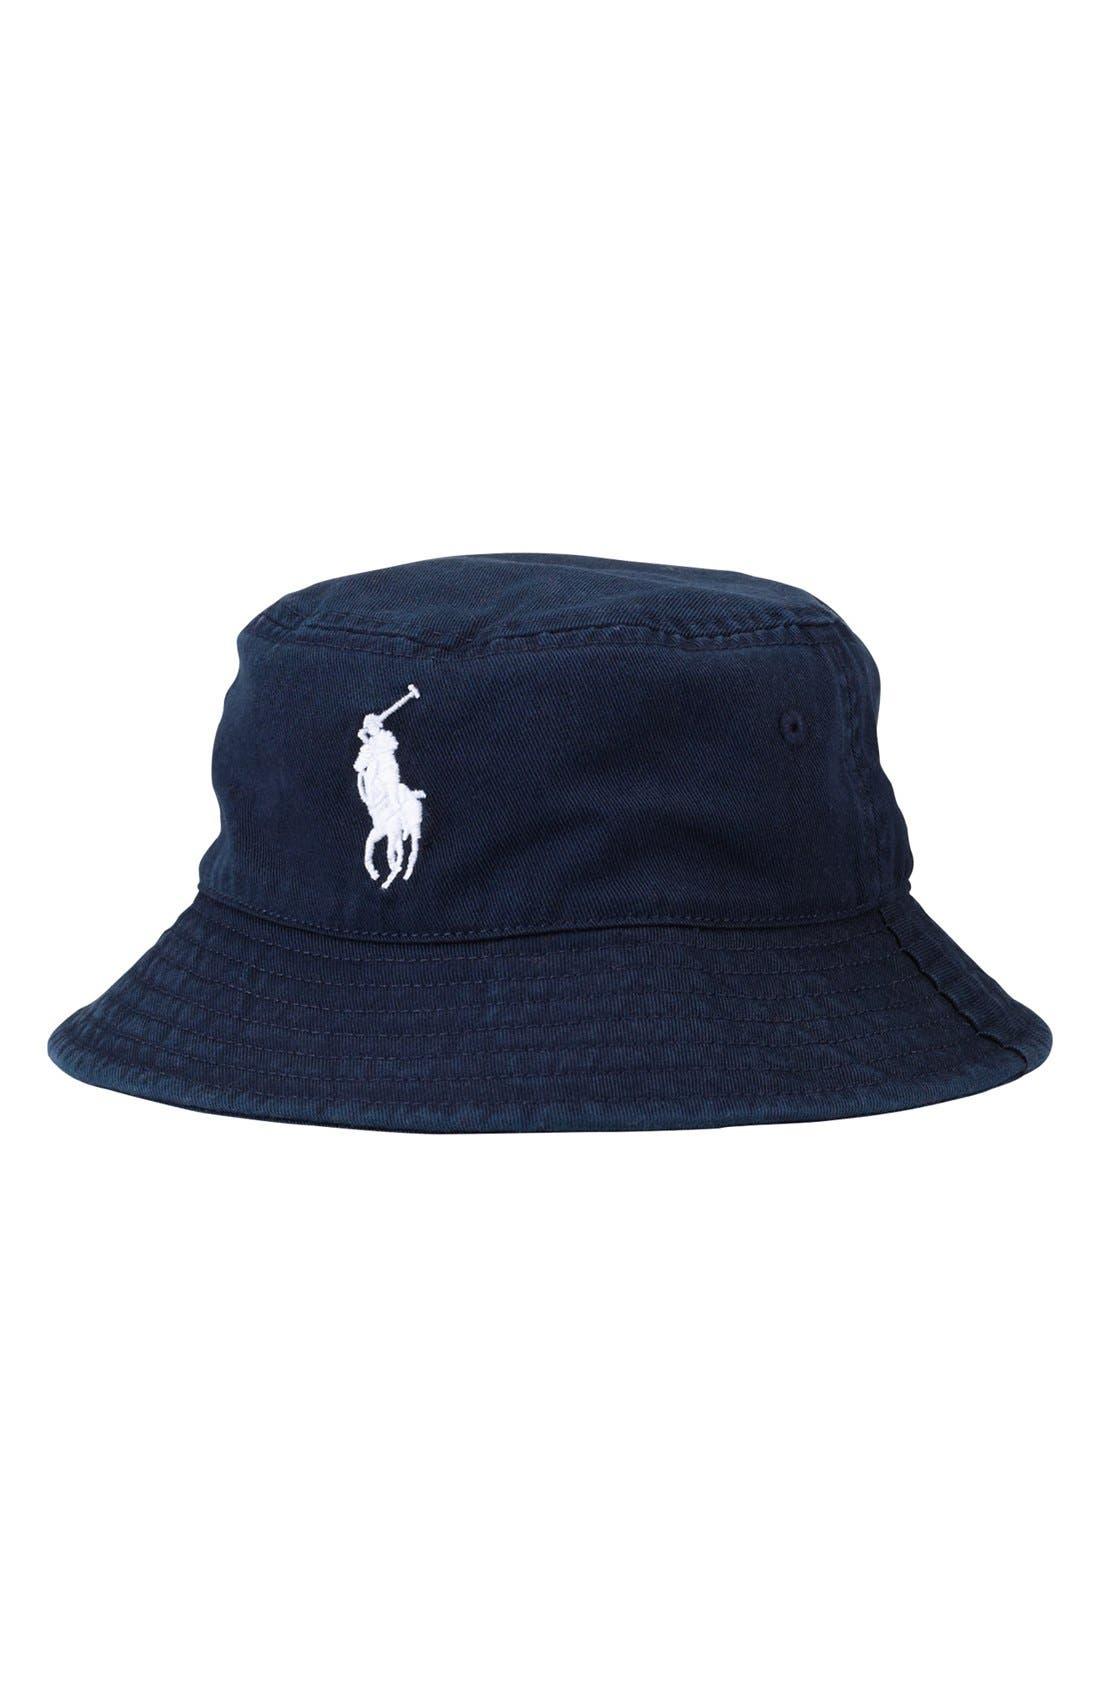 Main Image - Ralph Lauren Chino Bucket Hat (Toddler Boys)